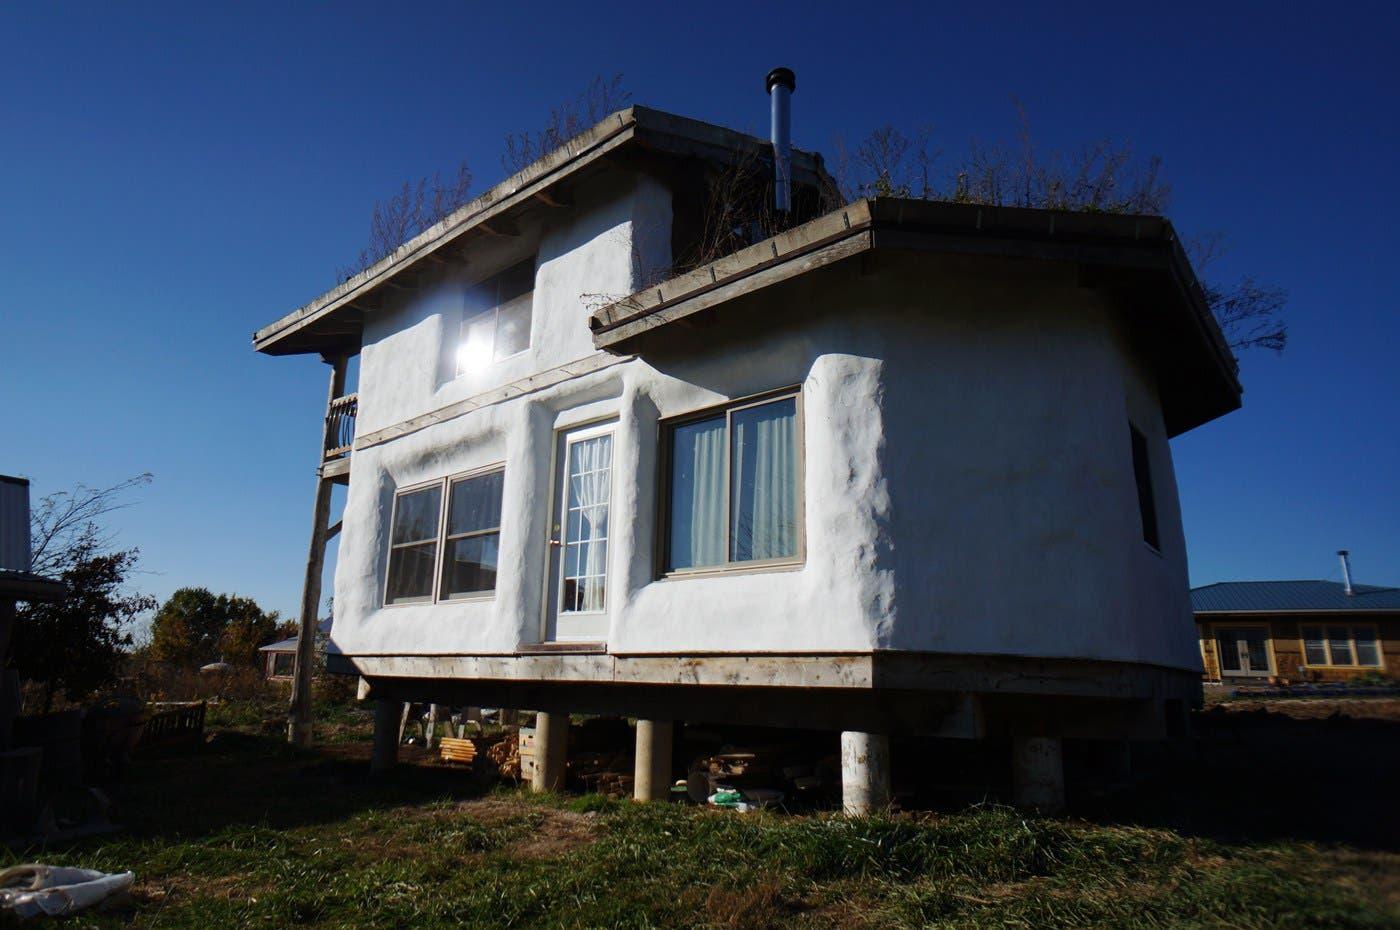 00 strawtron exterior south tiny house blog for Tiny house blog